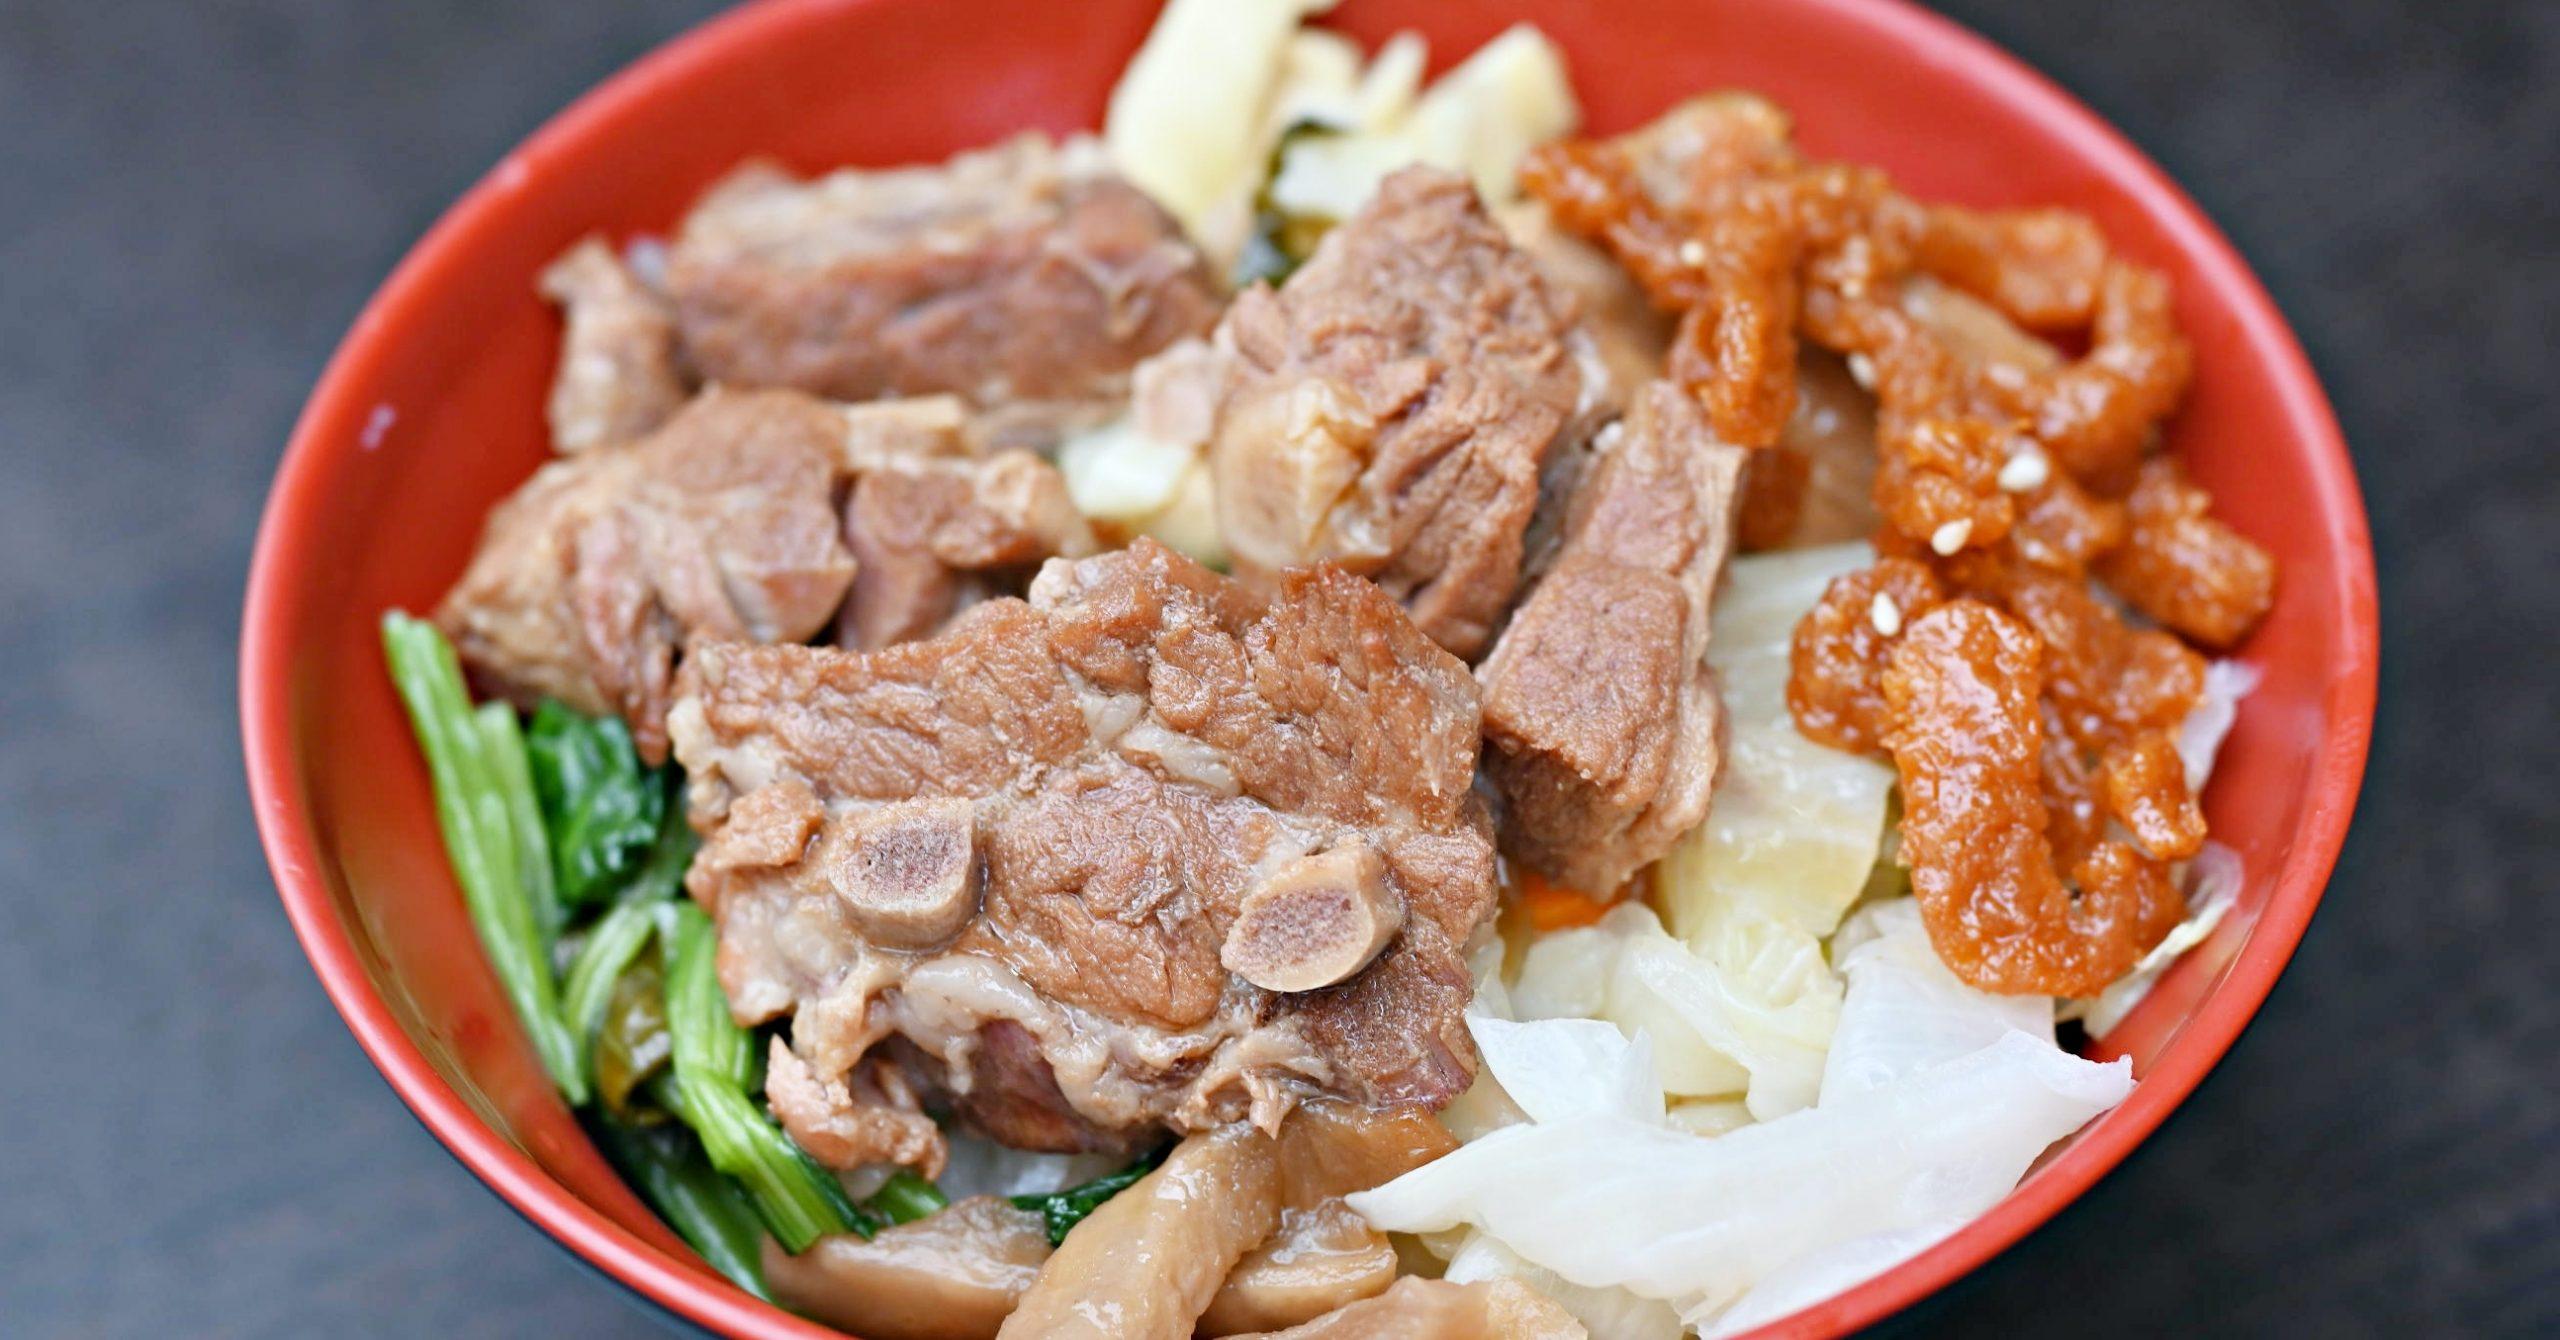 今日熱門文章:【嘉義美食】阿亮Q排,懷舊豬小排飯真的太無敵 (菜單)